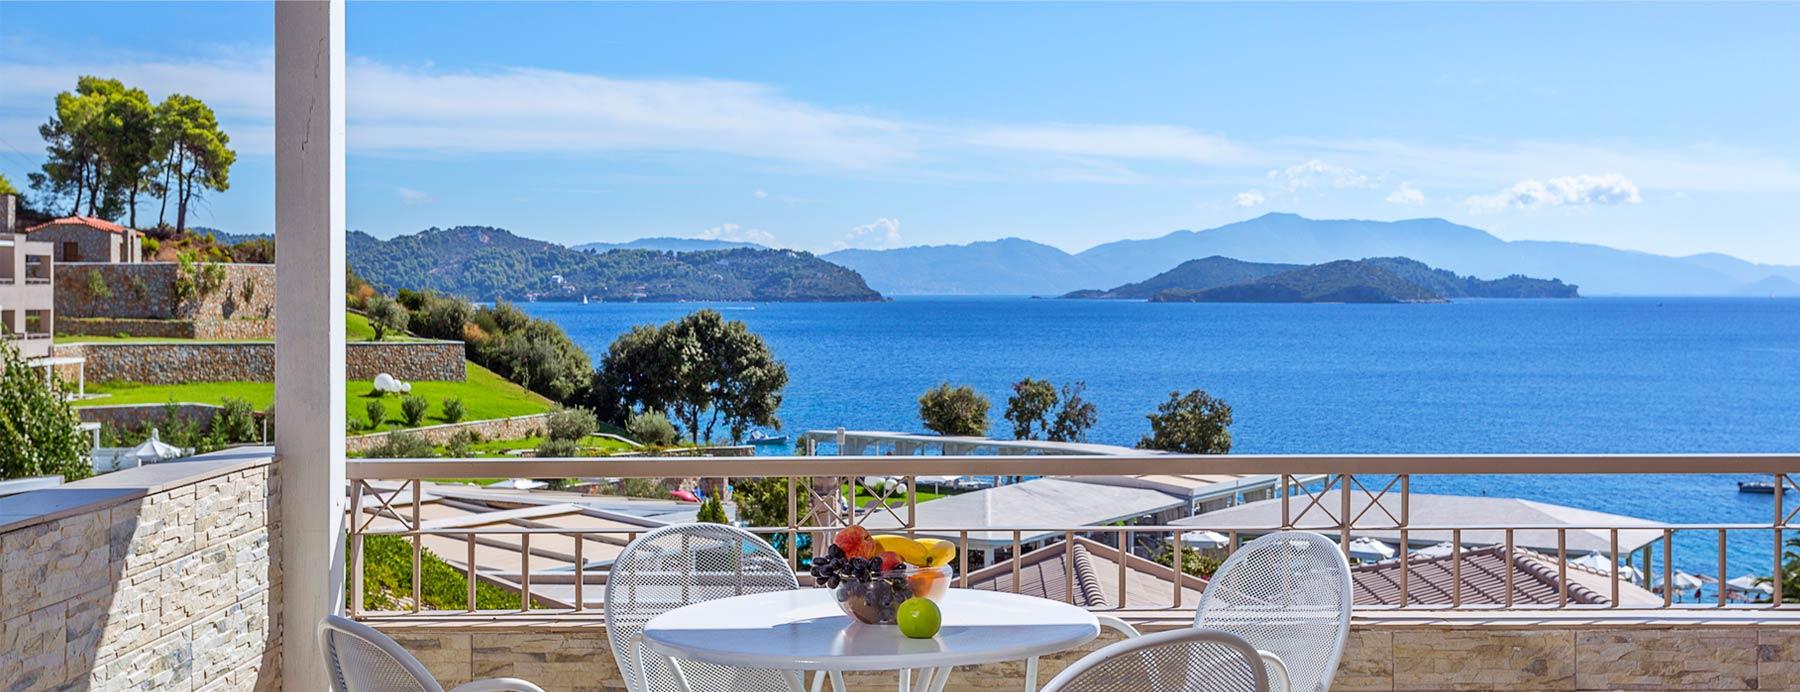 bambini vacanze grecia